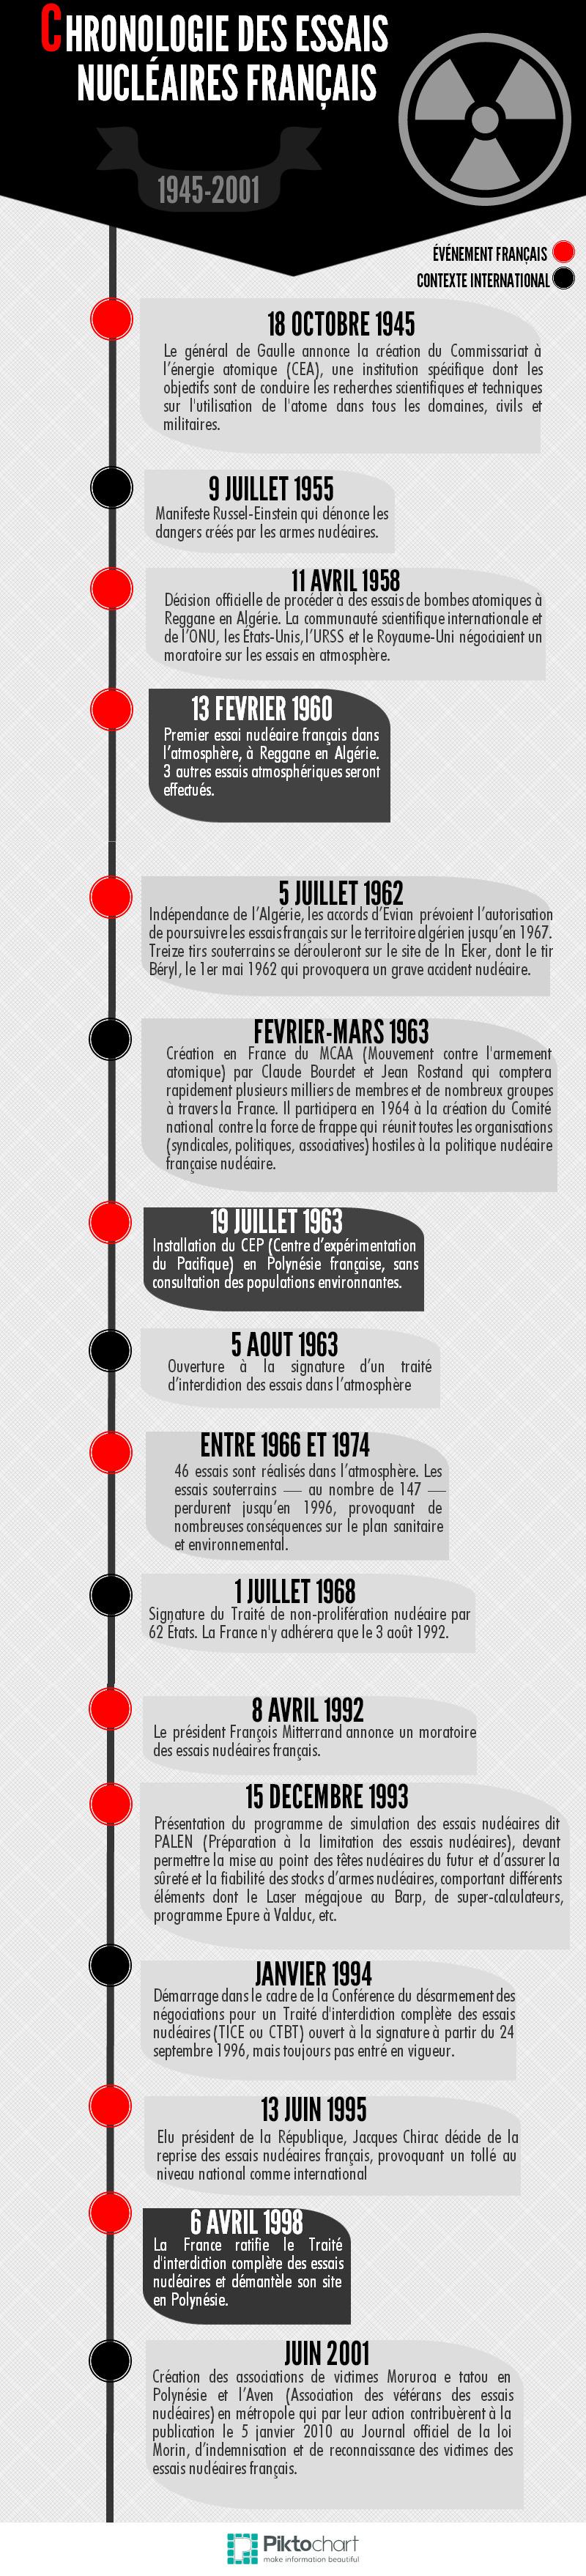 Chronologie armes nucléaires françaises(4)